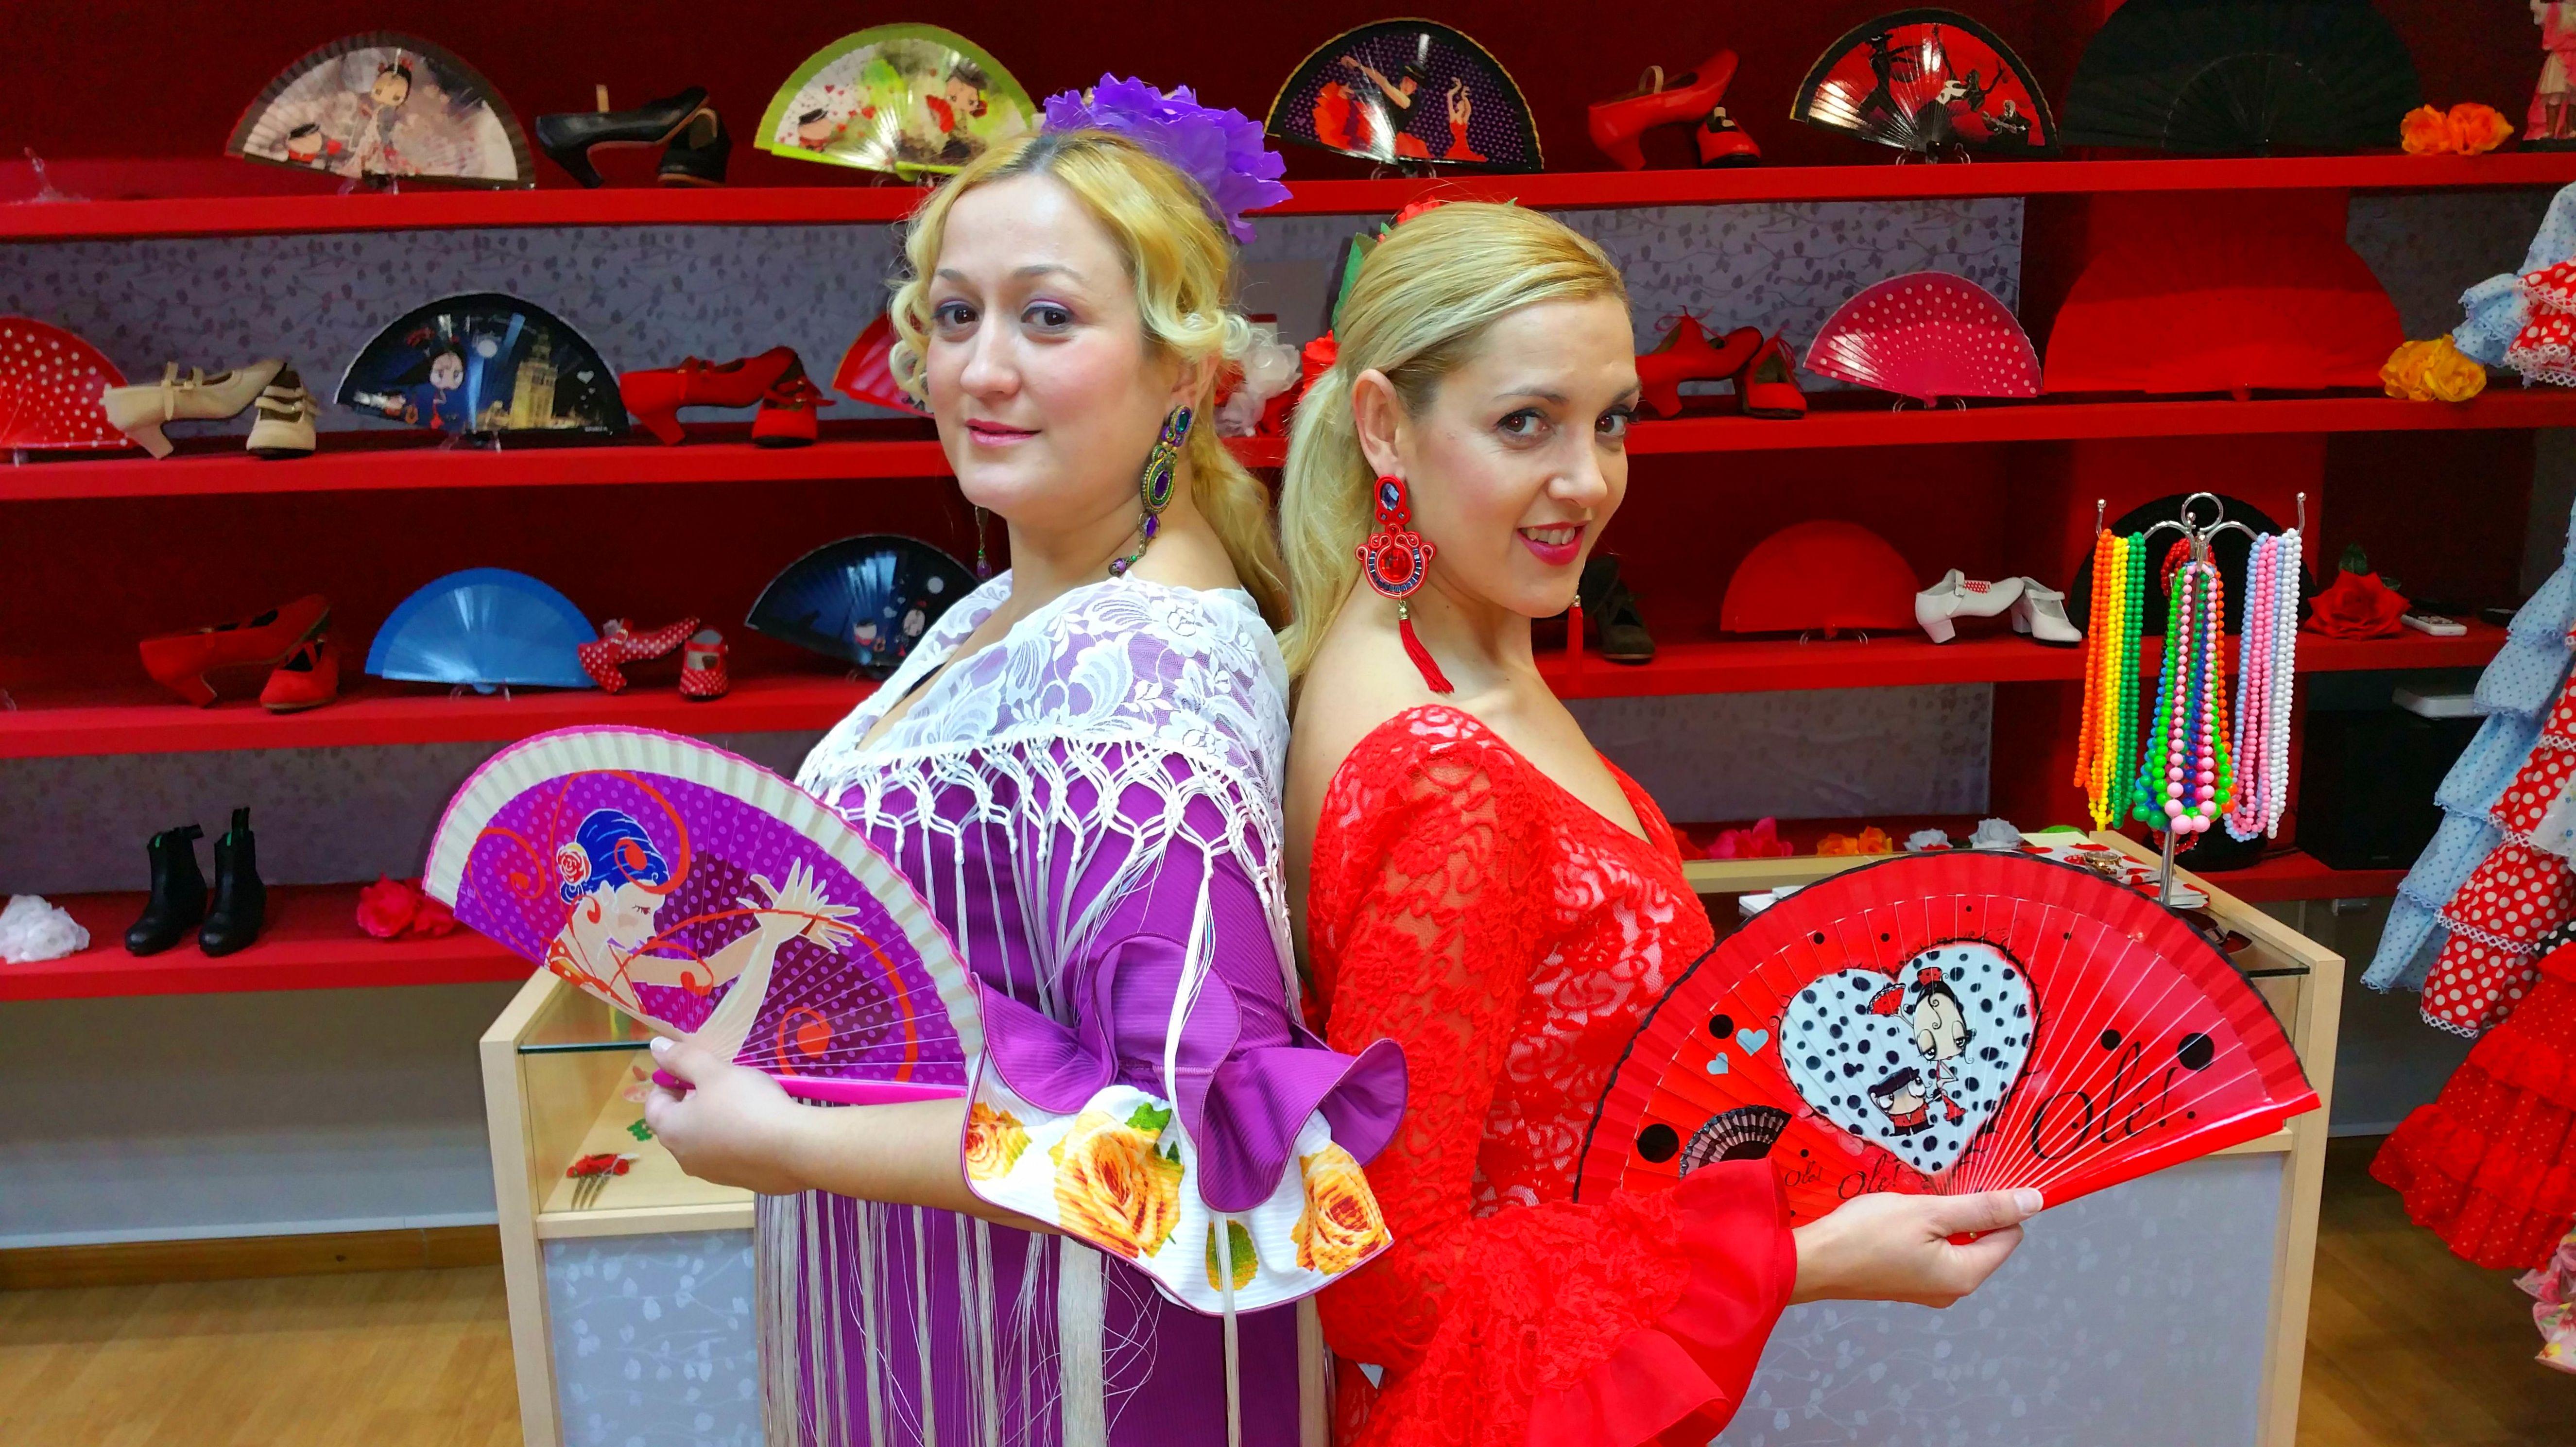 La flamenquilla, moda flamenca y complementos Zaragoza